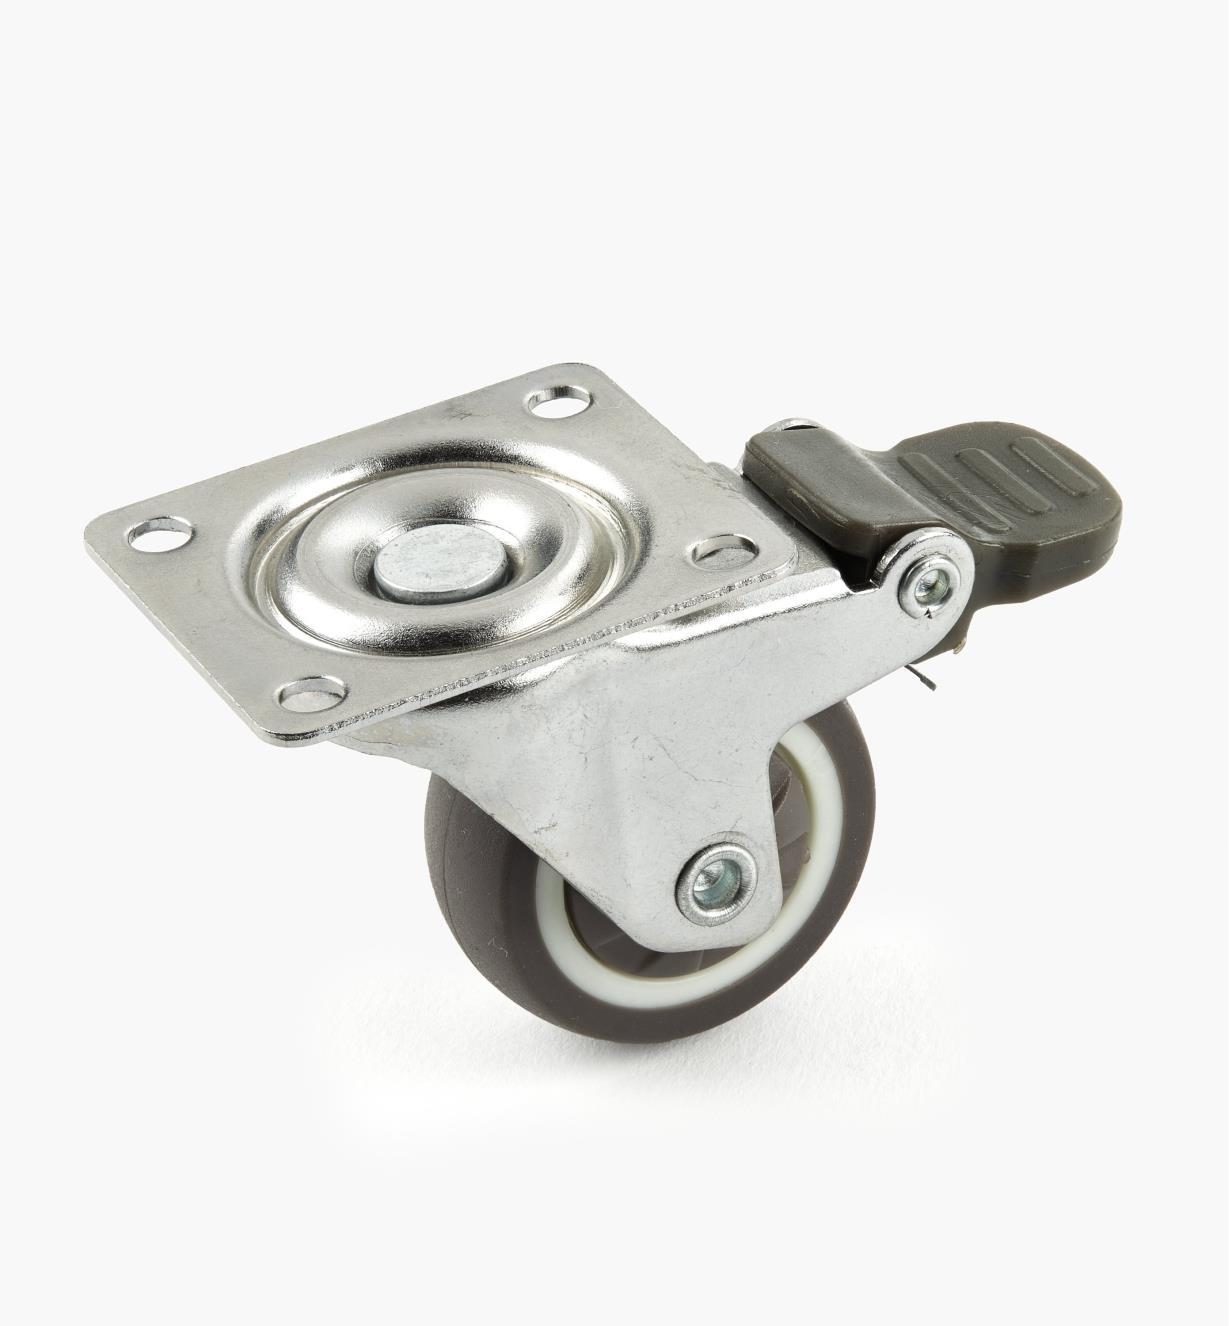 00K2165 - Roulette pivotante, 32mm, l'unité